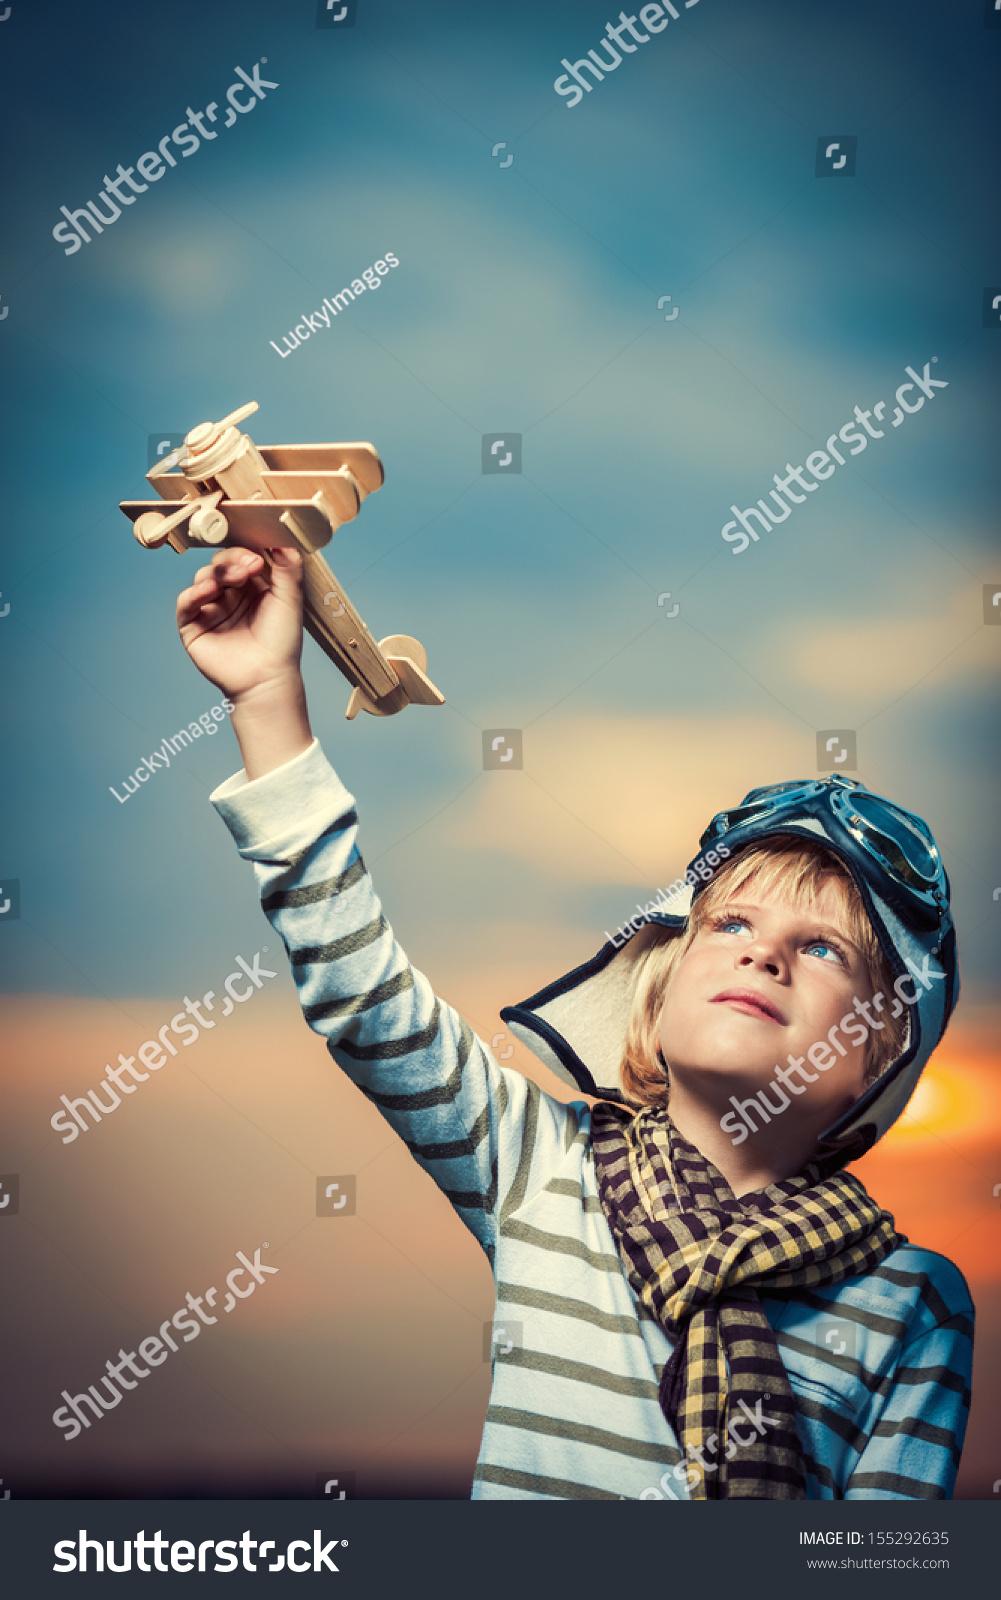 小男孩与木制飞机-人物,公园/户外-海洛创意(hellorf)